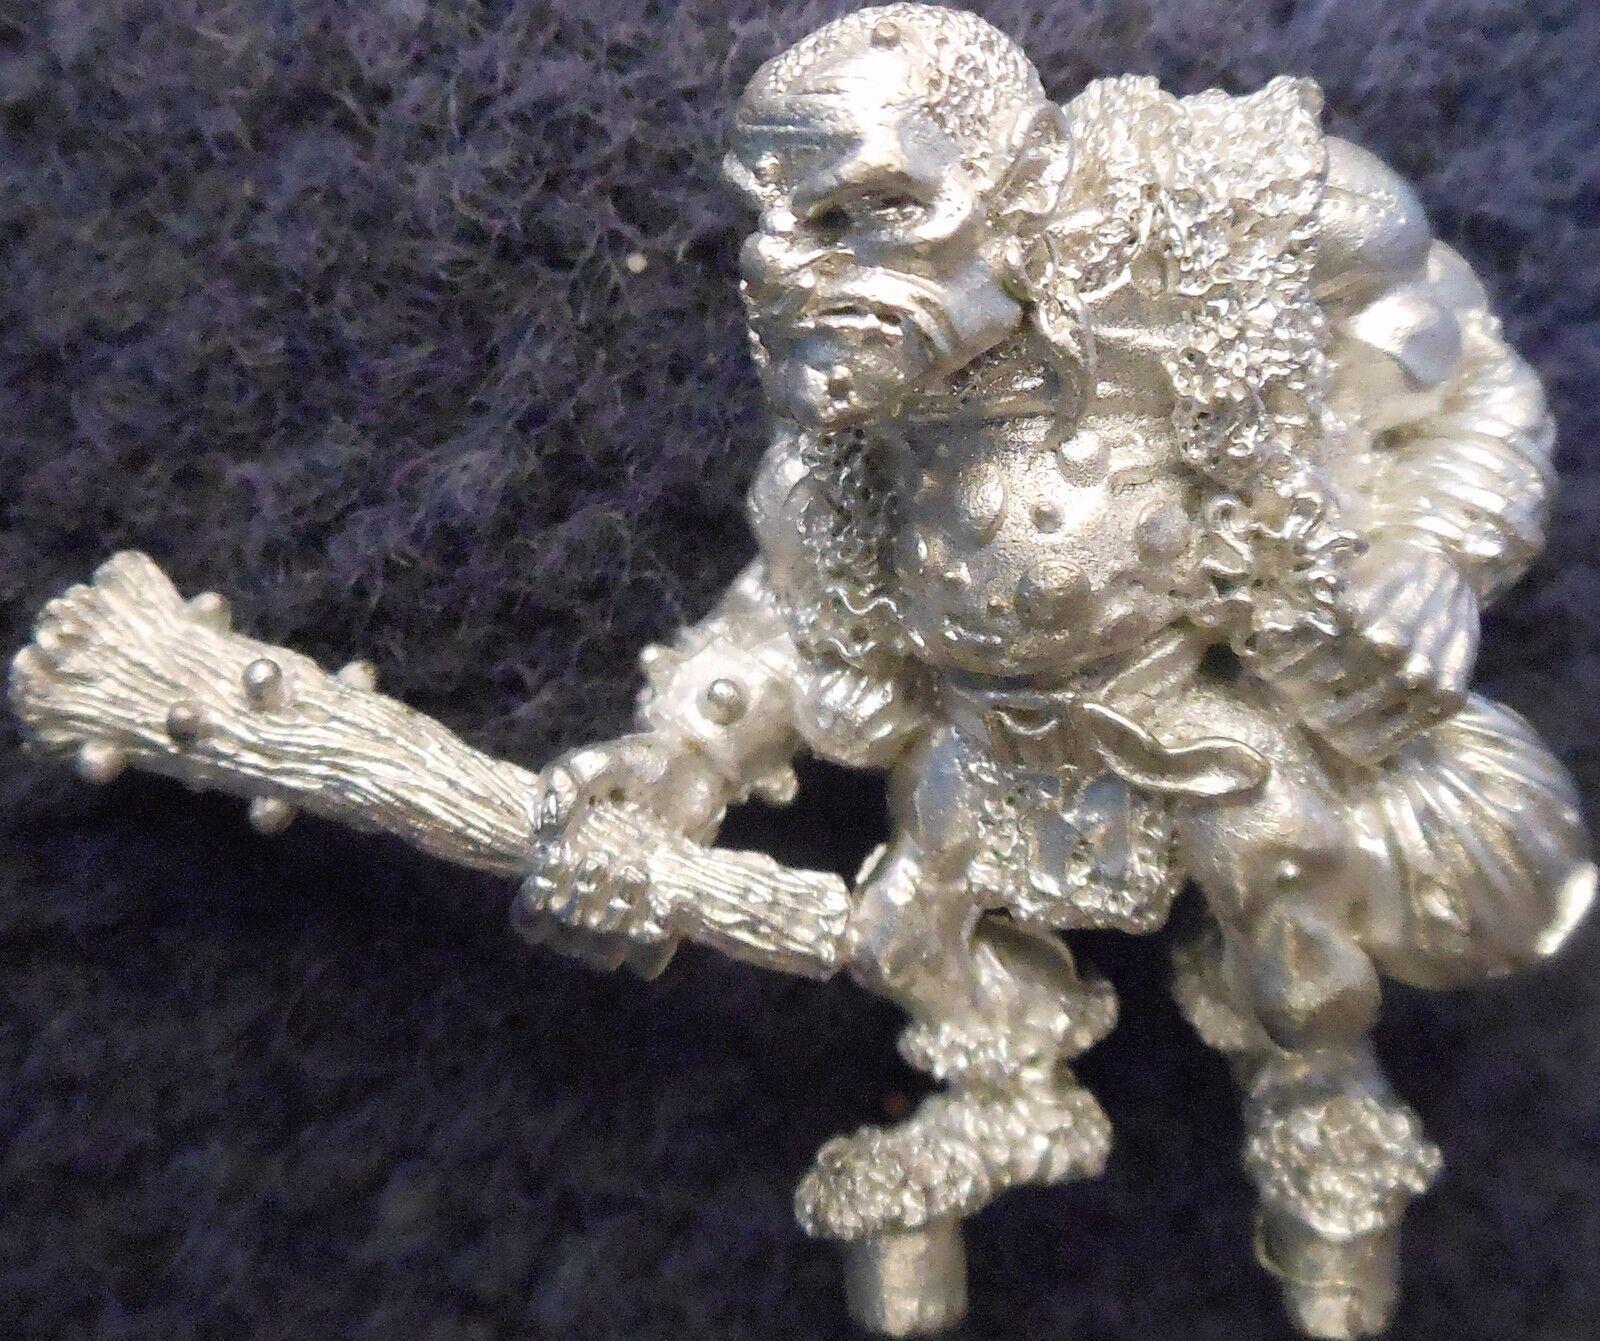 1985 Giant Ogre Marauder C23 Warhammer Army Kingdoms Ogryn Games Workshop Ogor